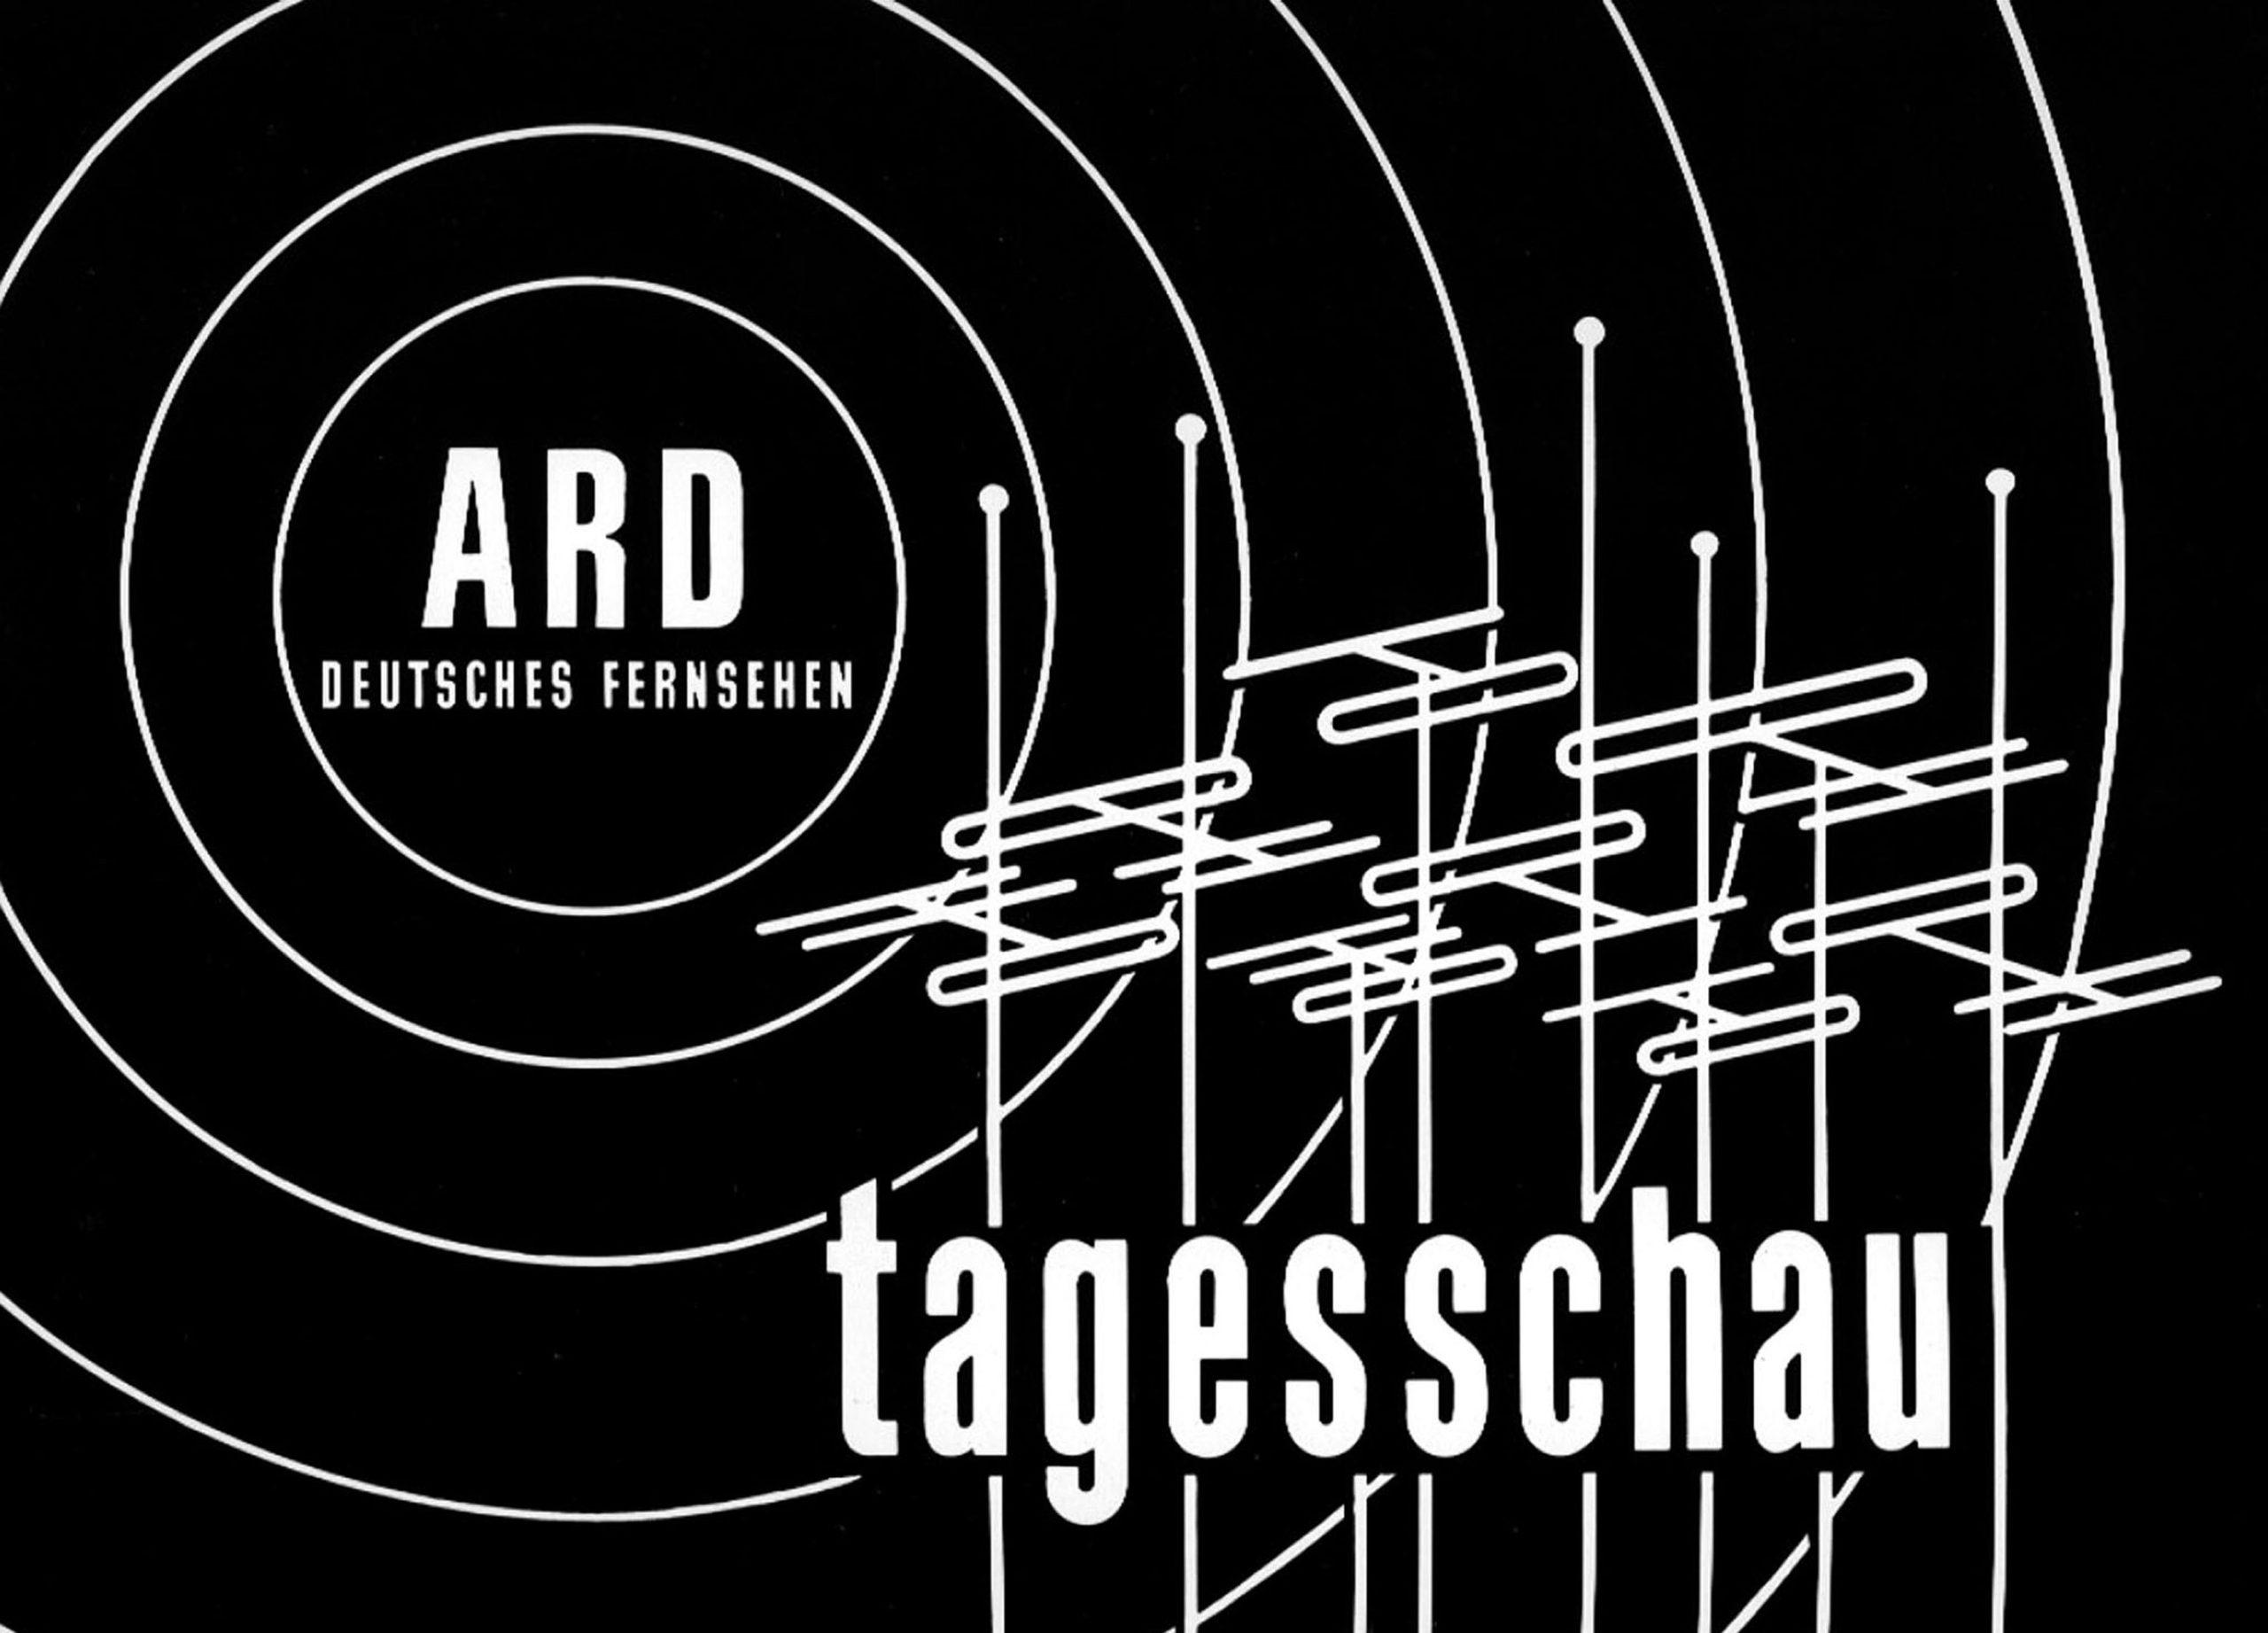 Das erste Tagesschau-Logo.   Bildquelle: NDR